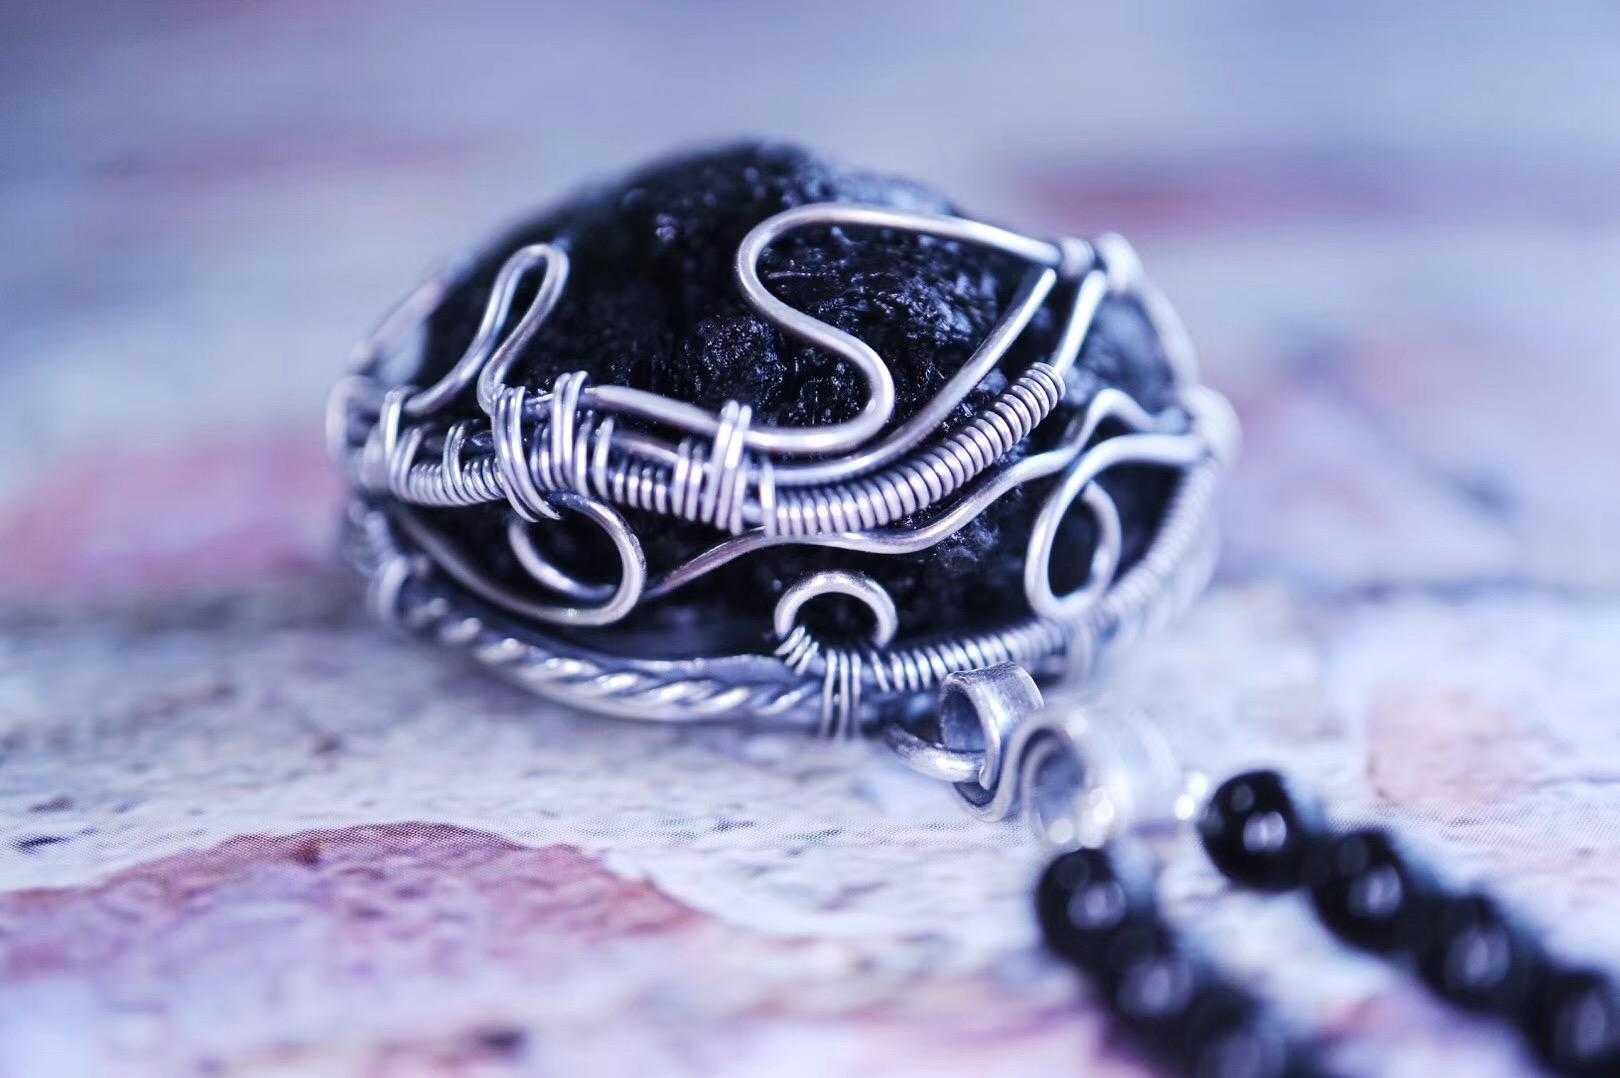 【菩心-捷克陨石】荷鲁斯之眼作为护身符,在古埃及有广泛的使用。-菩心晶舍